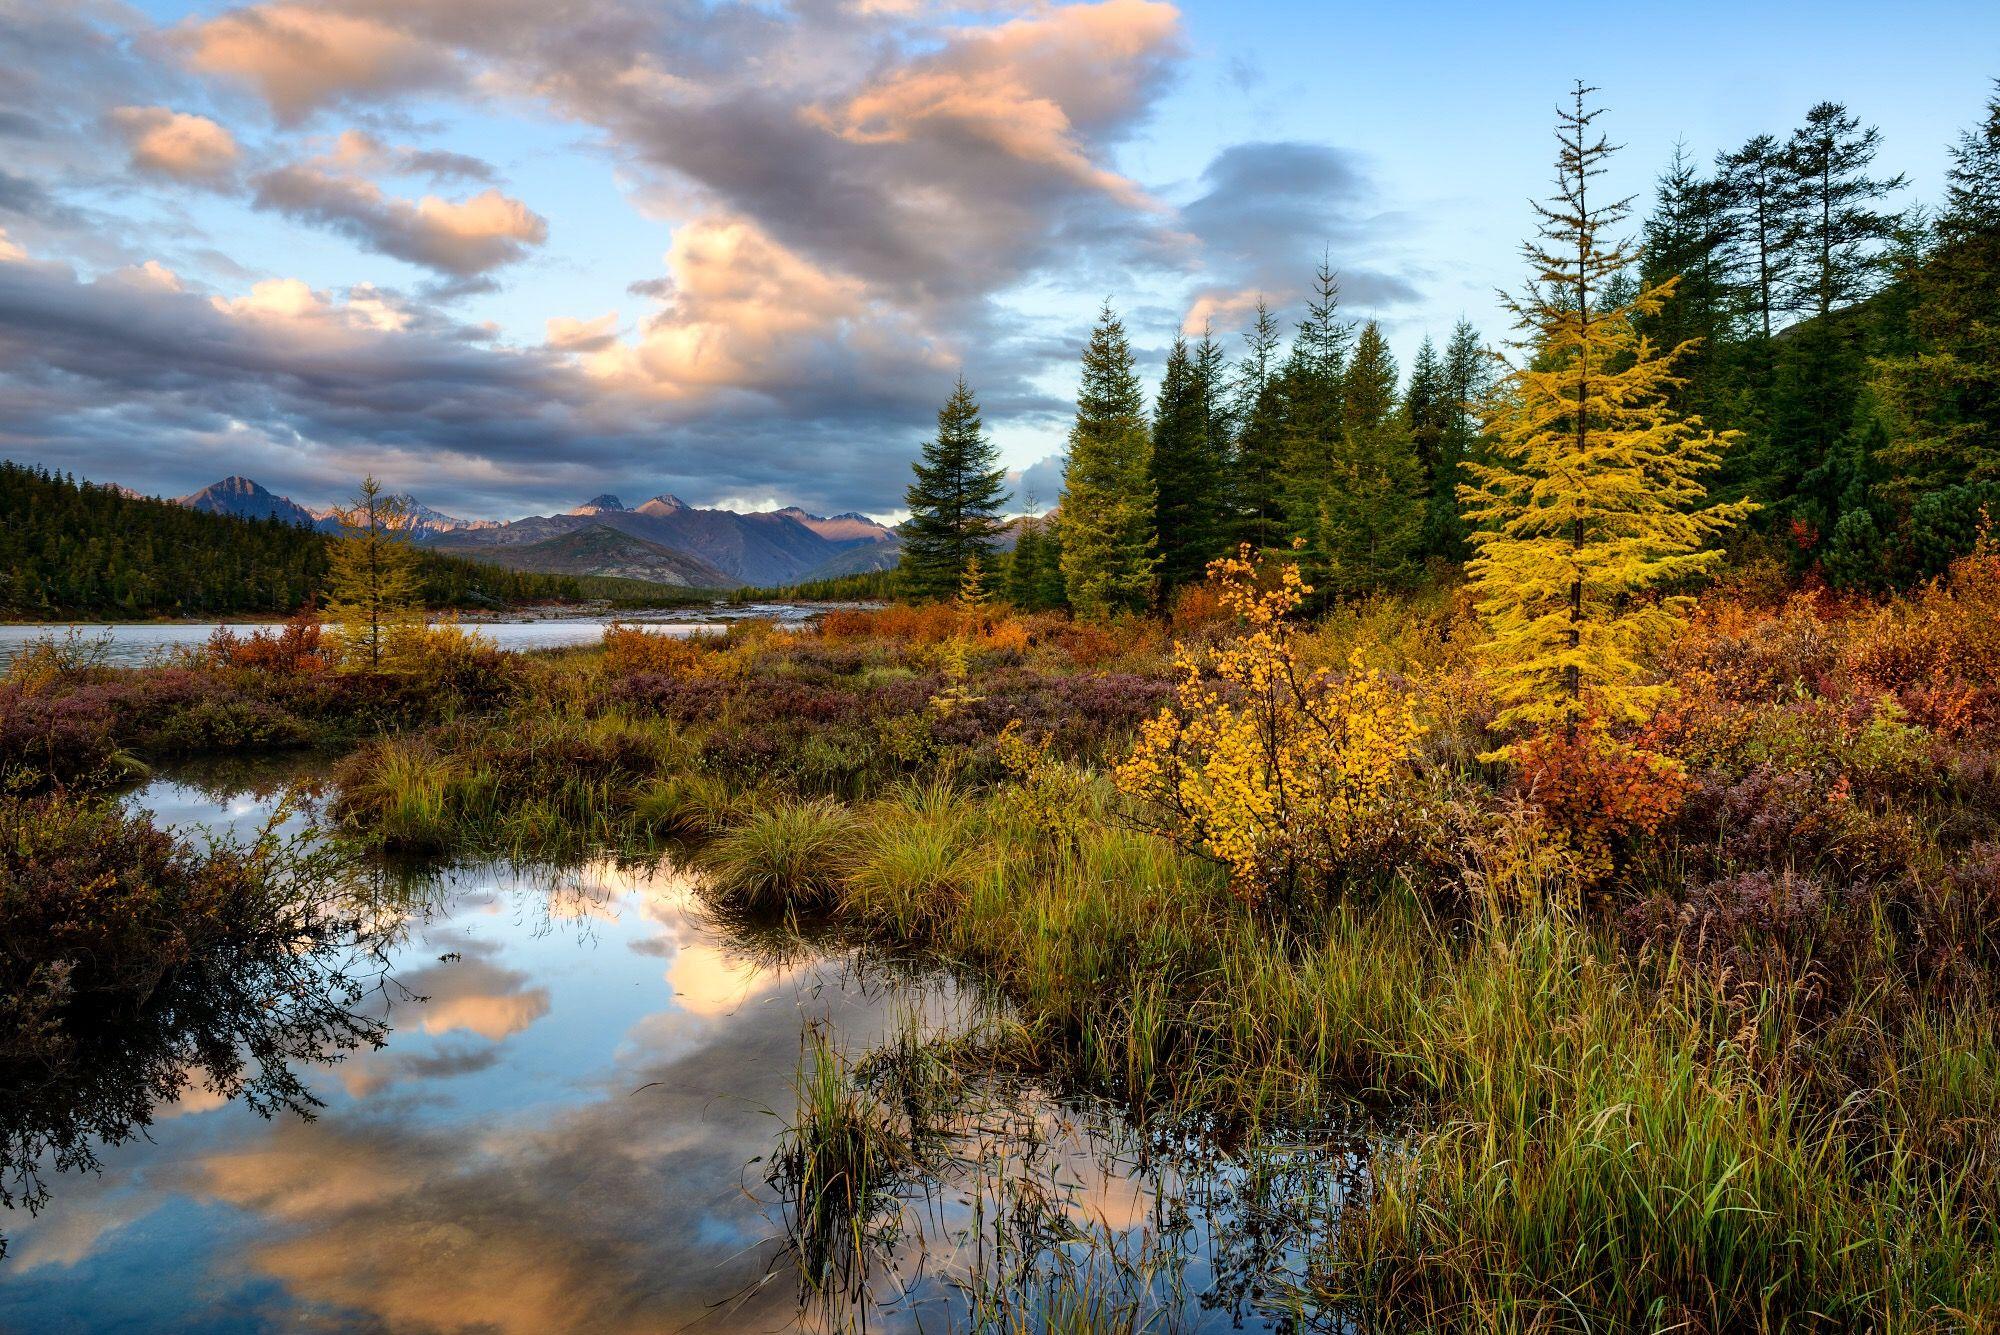 отличие серой природа якутии золотая осень картинки гарнир лучше